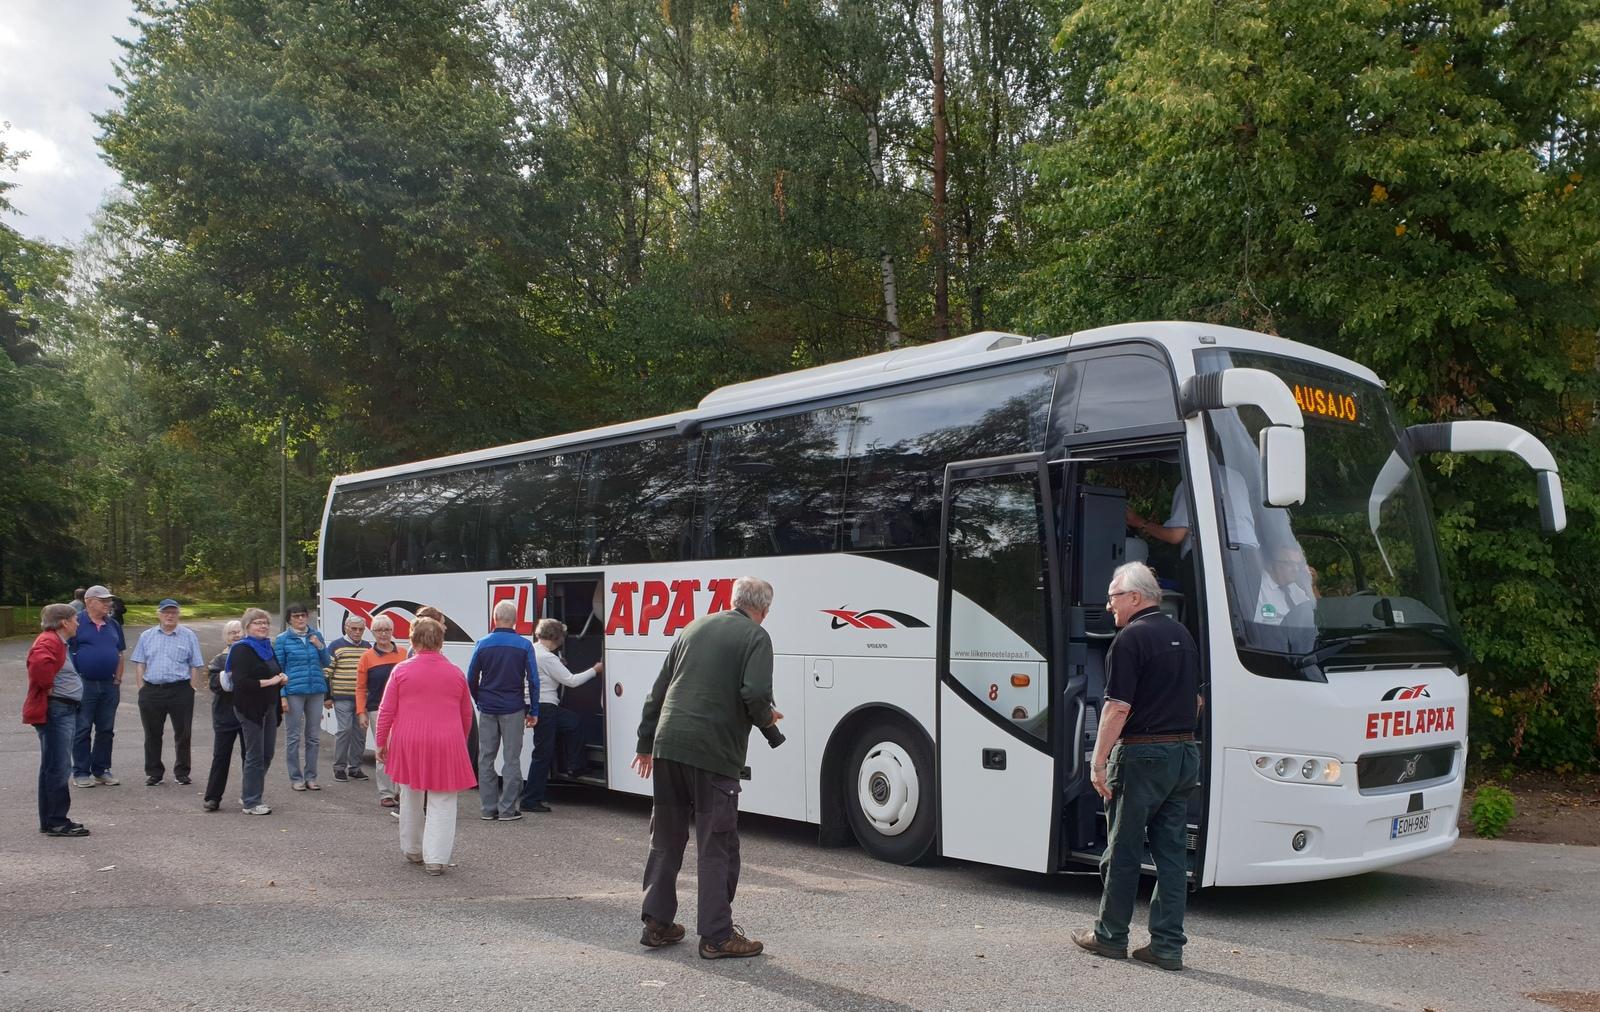 Eteläpään linja-auto Mannerheimin 75-v muistomerkin luona.jpg